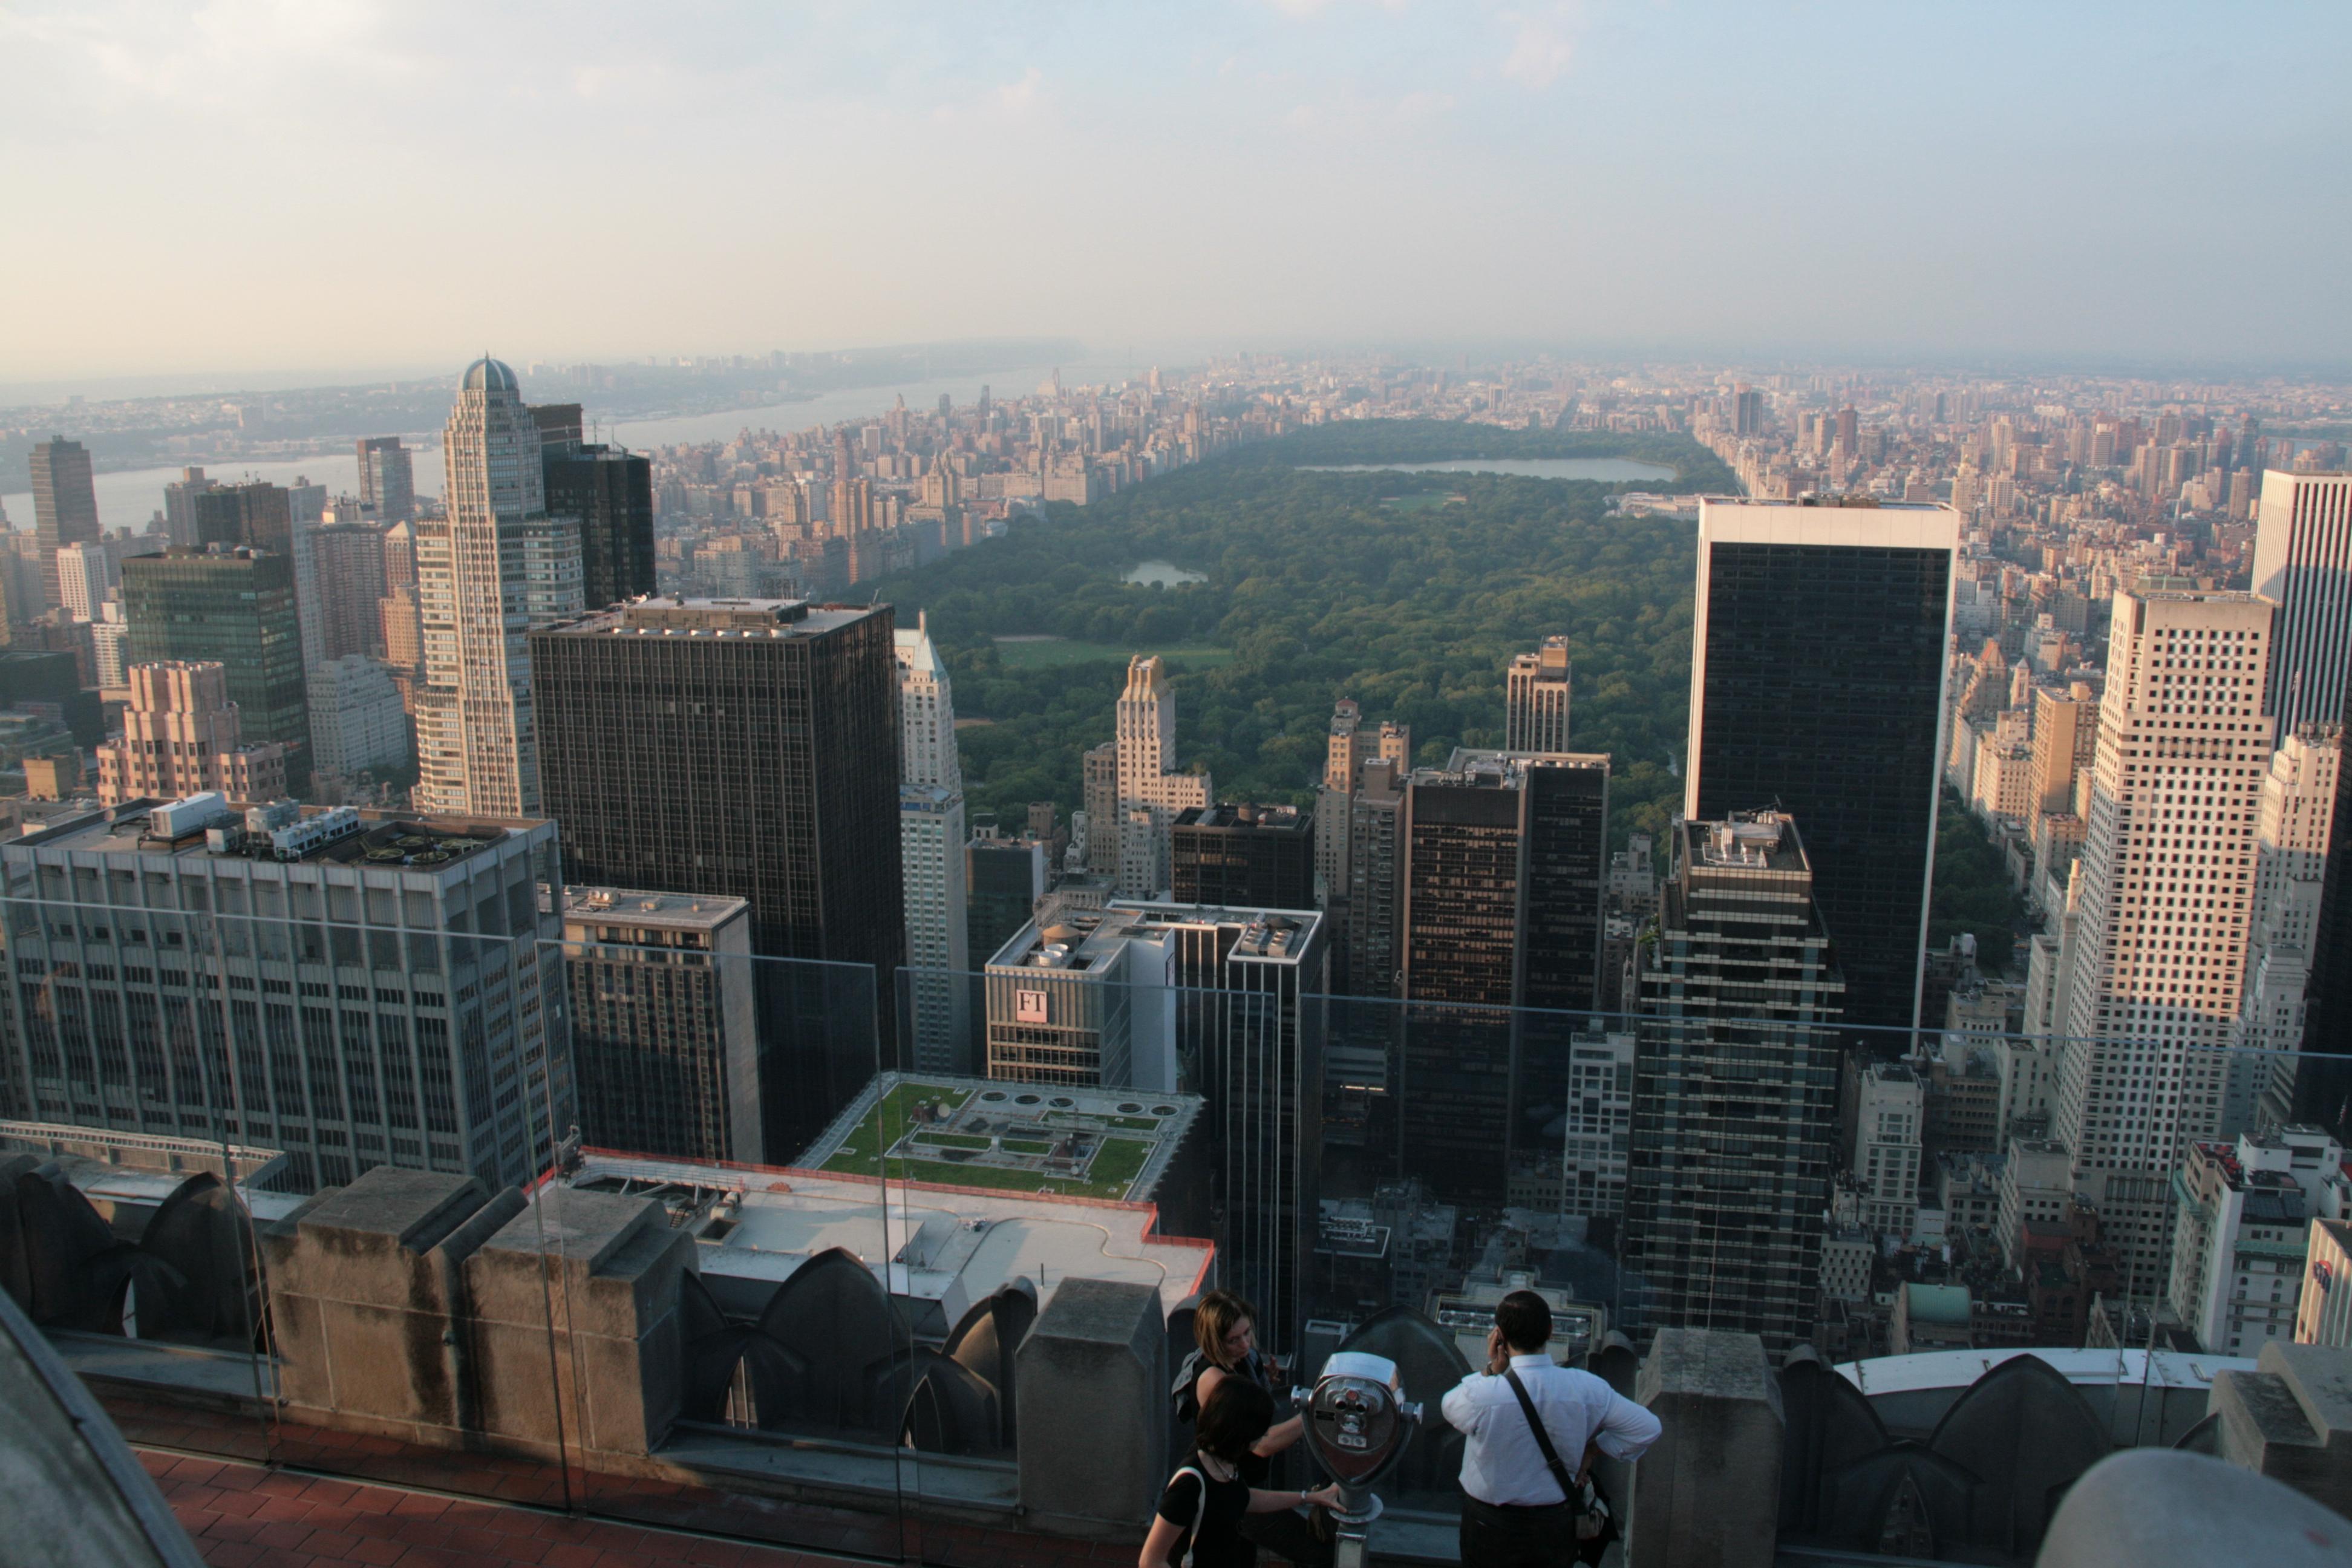 Quel Est Le Premier Building Construit  Ef Bf Bd New York